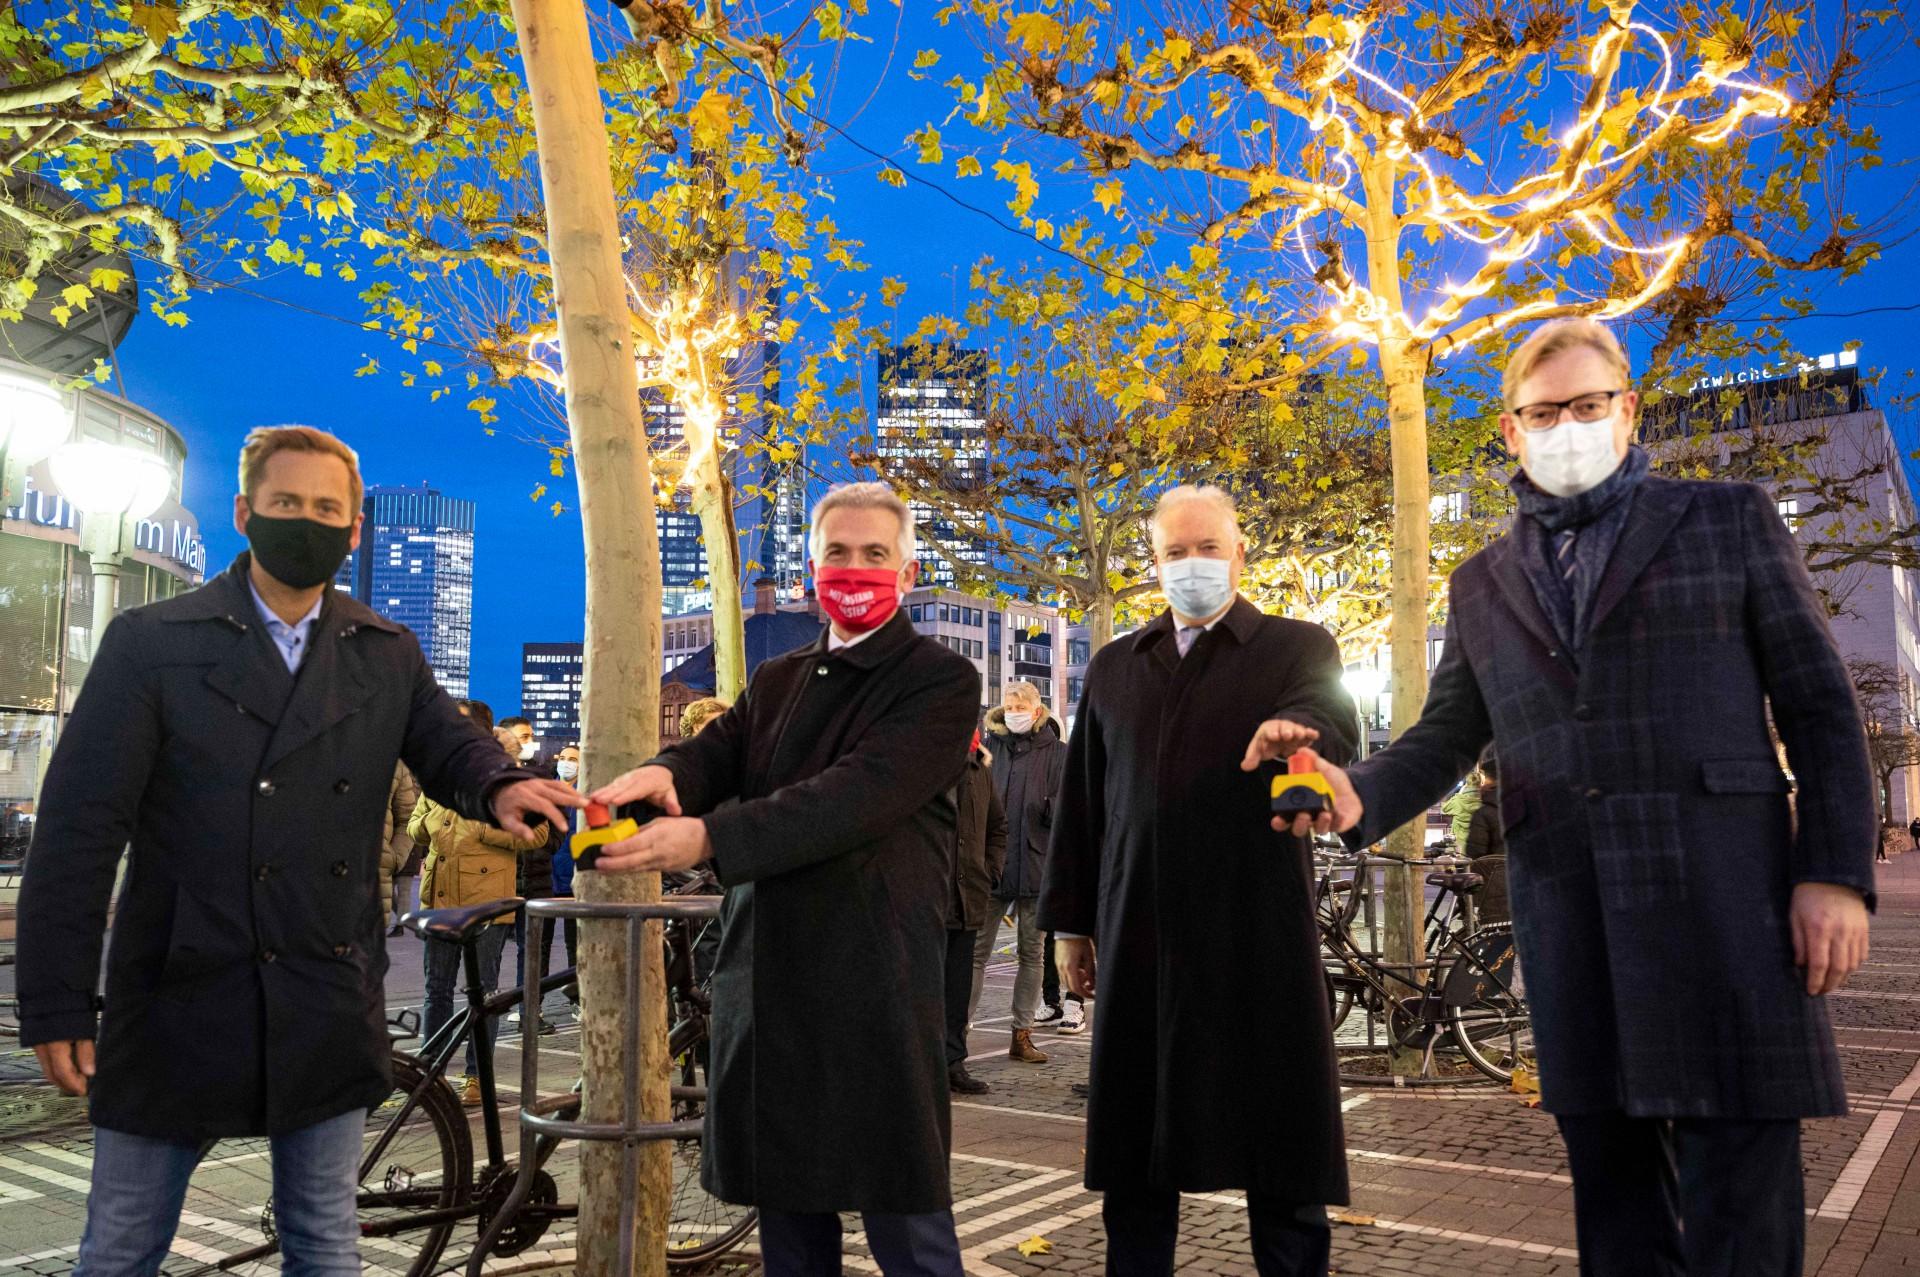 Frankfurt, Zeil, Licht, Beleuchtung, Knopf, Mann, Männer, kalt, Winter, Weihnachten, Weihanchtsbeleuchtung